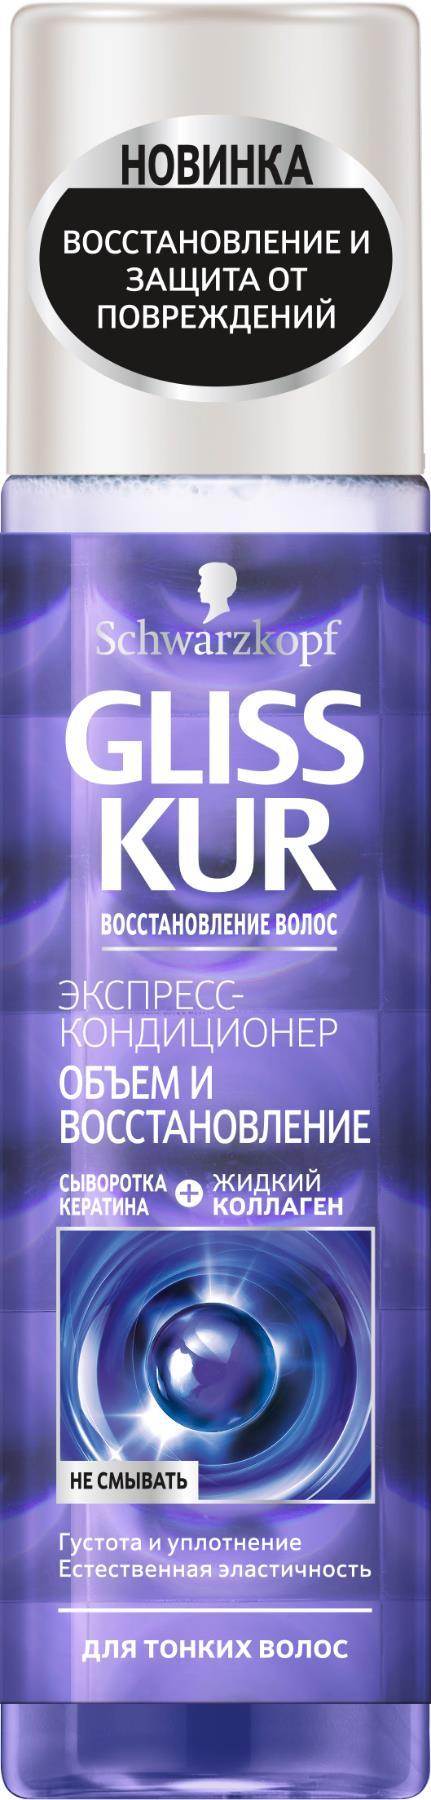 Gliss Kur Экспресс-кондиционер Экстремальный объем, для лишенных объема и тонких волос, 200 мл шампунь gliss kur экстремальный oil эликсир 400 мл